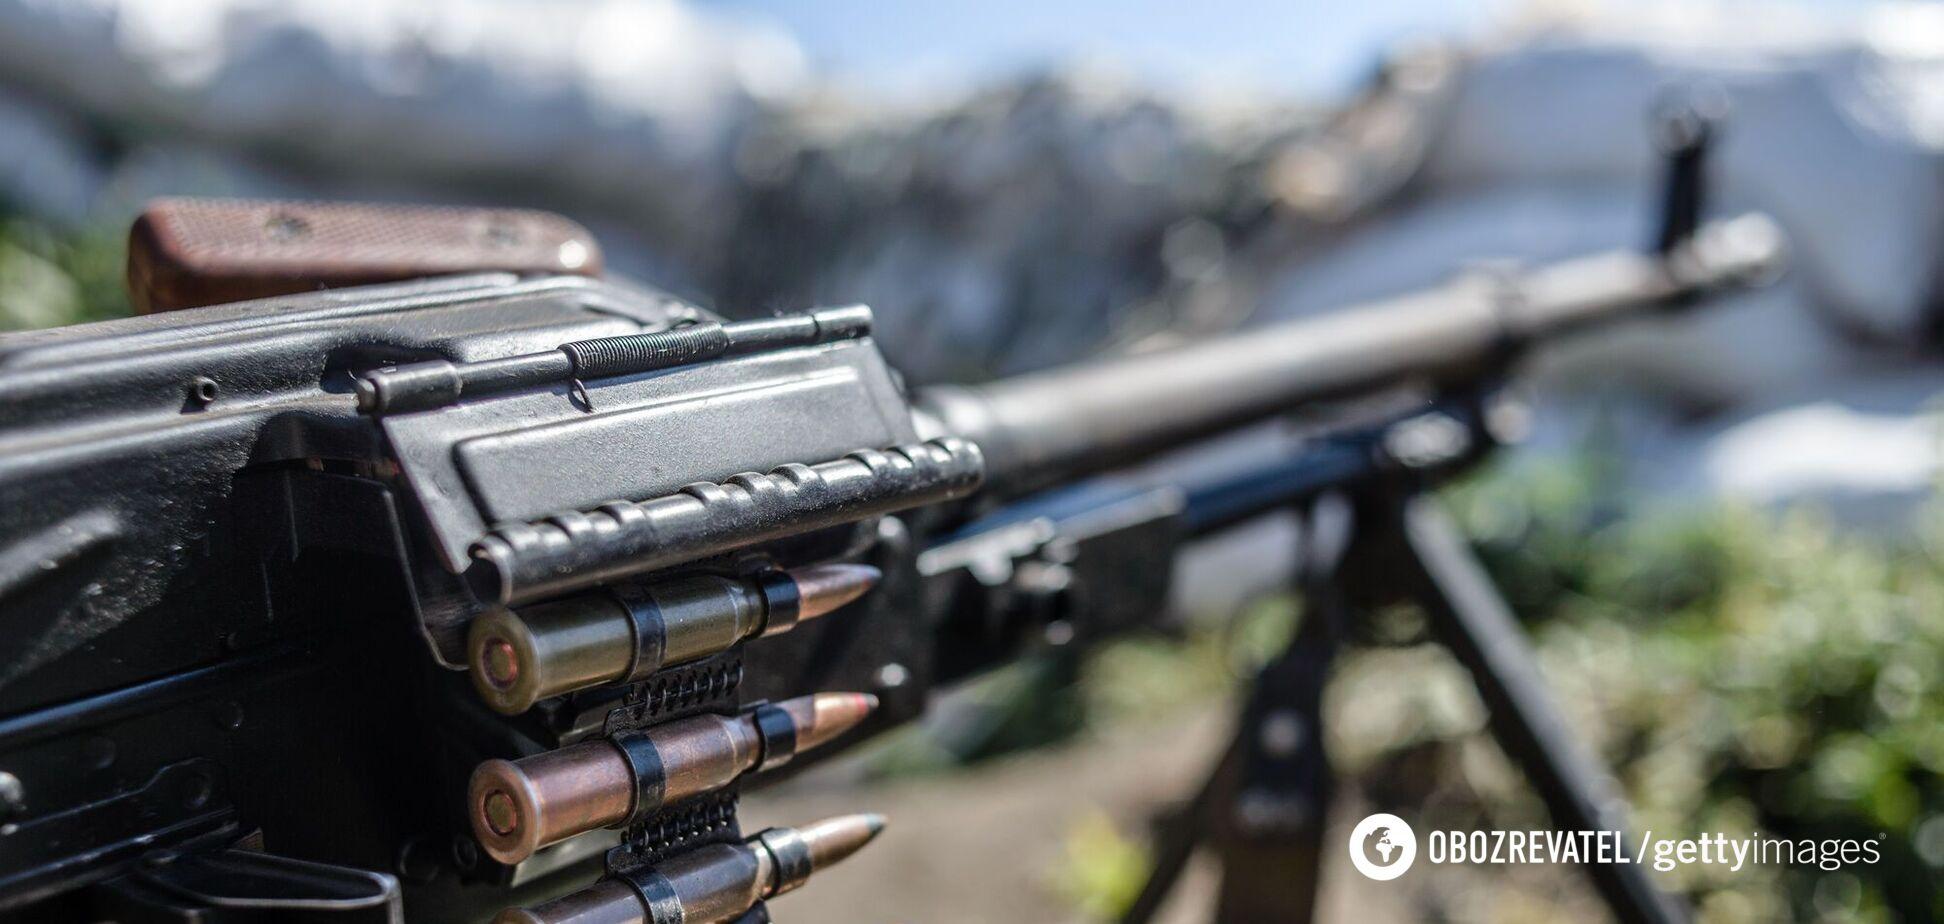 Окупанти обстріляли позиції ЗСУ на Донбасі, українські військові відкрили вогонь у відповідь – штаб ООС